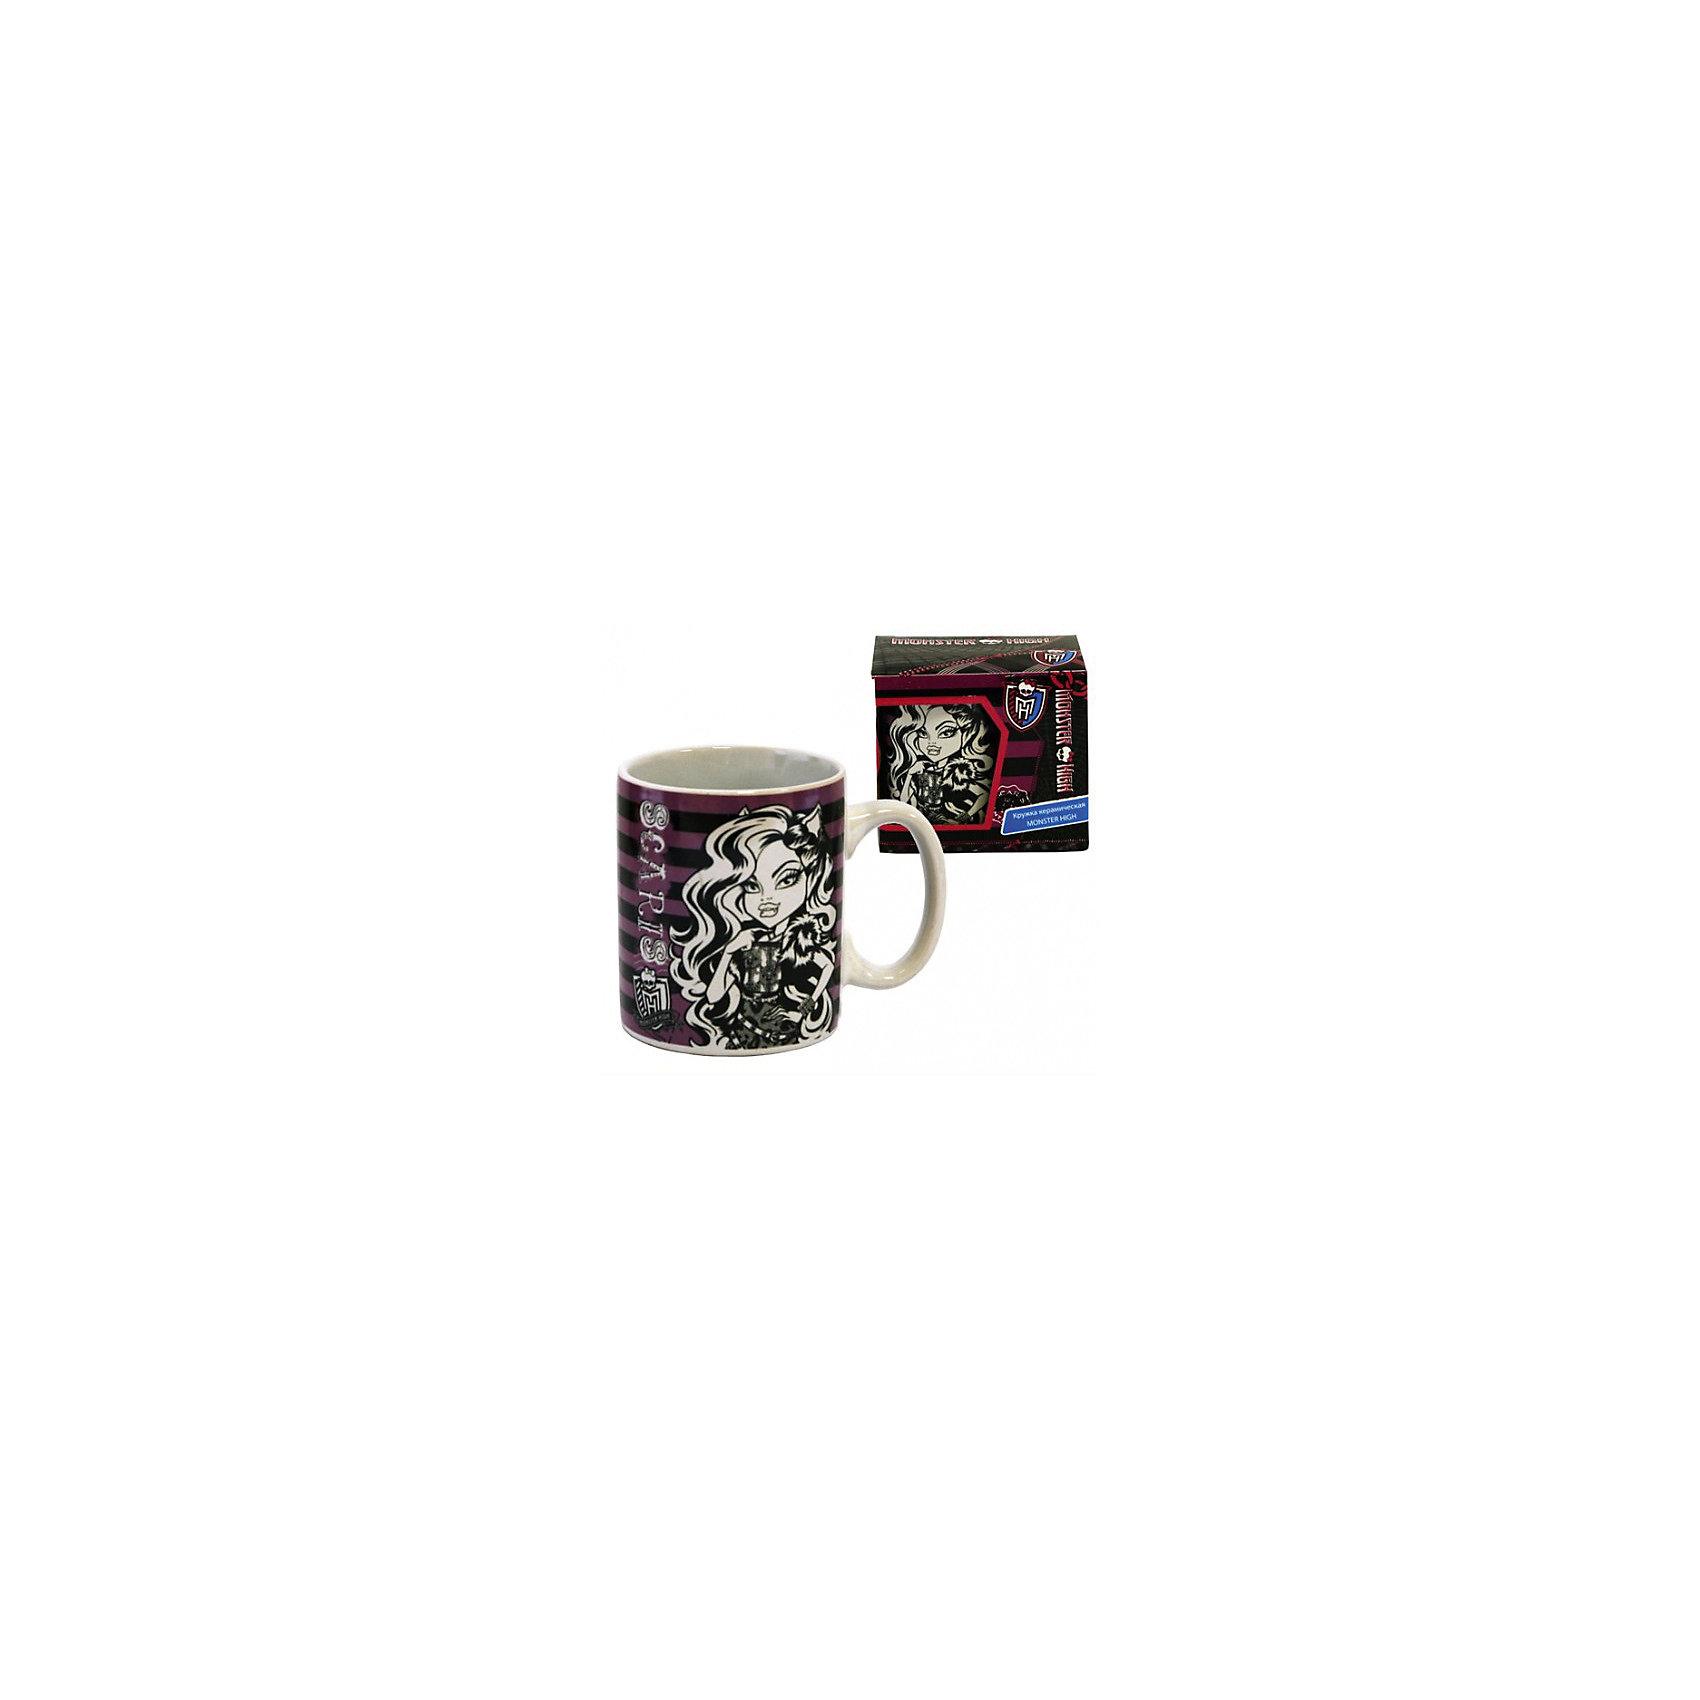 Керамическая кружка 300 мл, Monster High